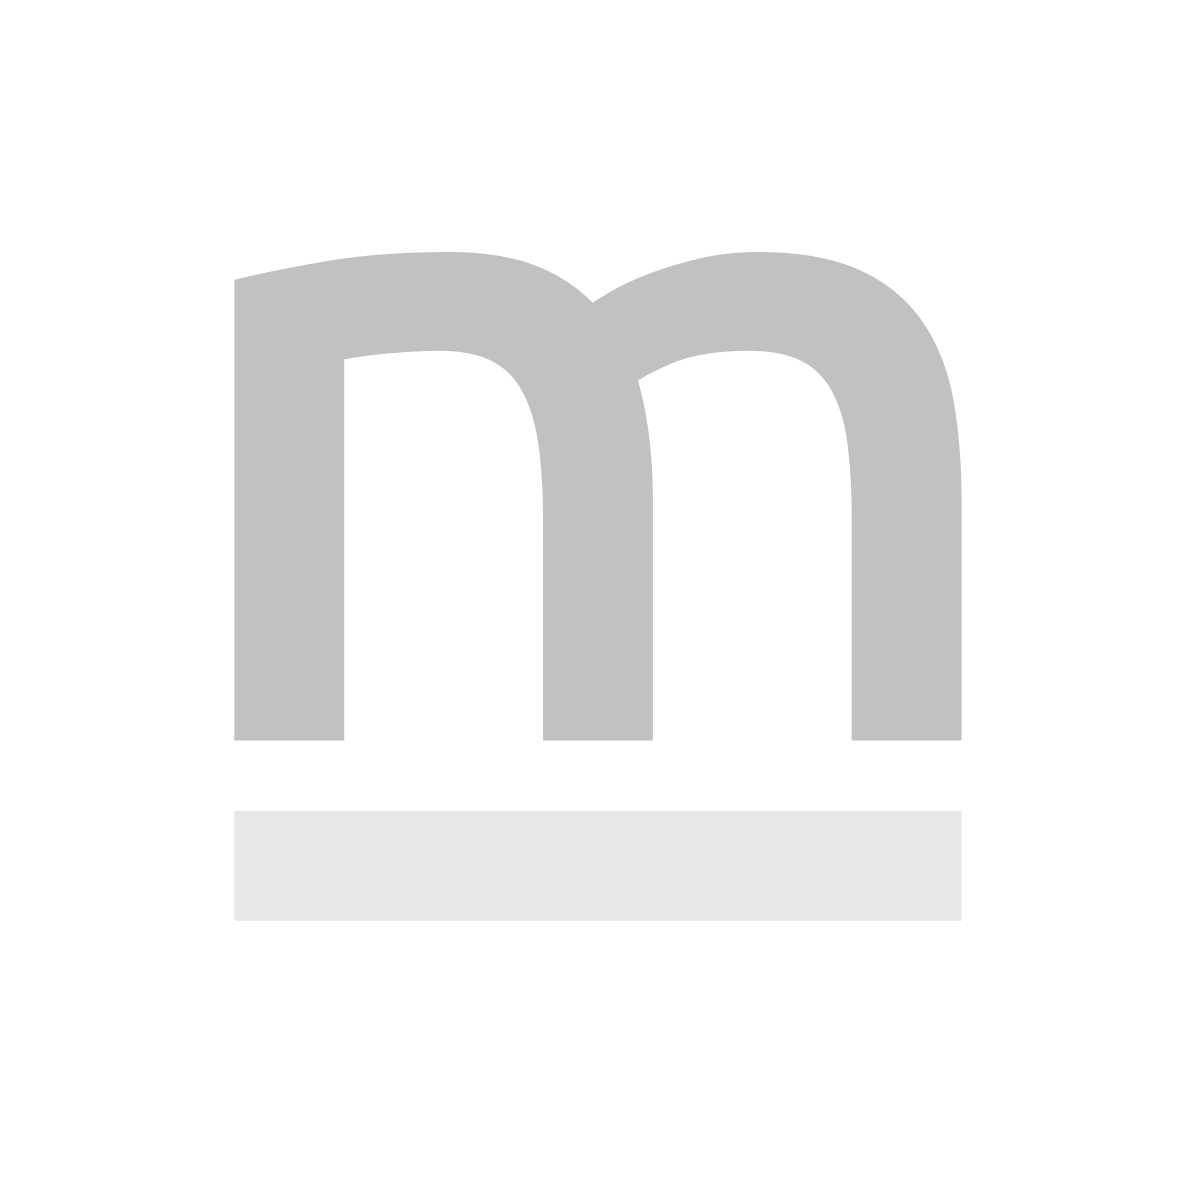 Dywan TIE-DYE YELLOW 150x150 żółty